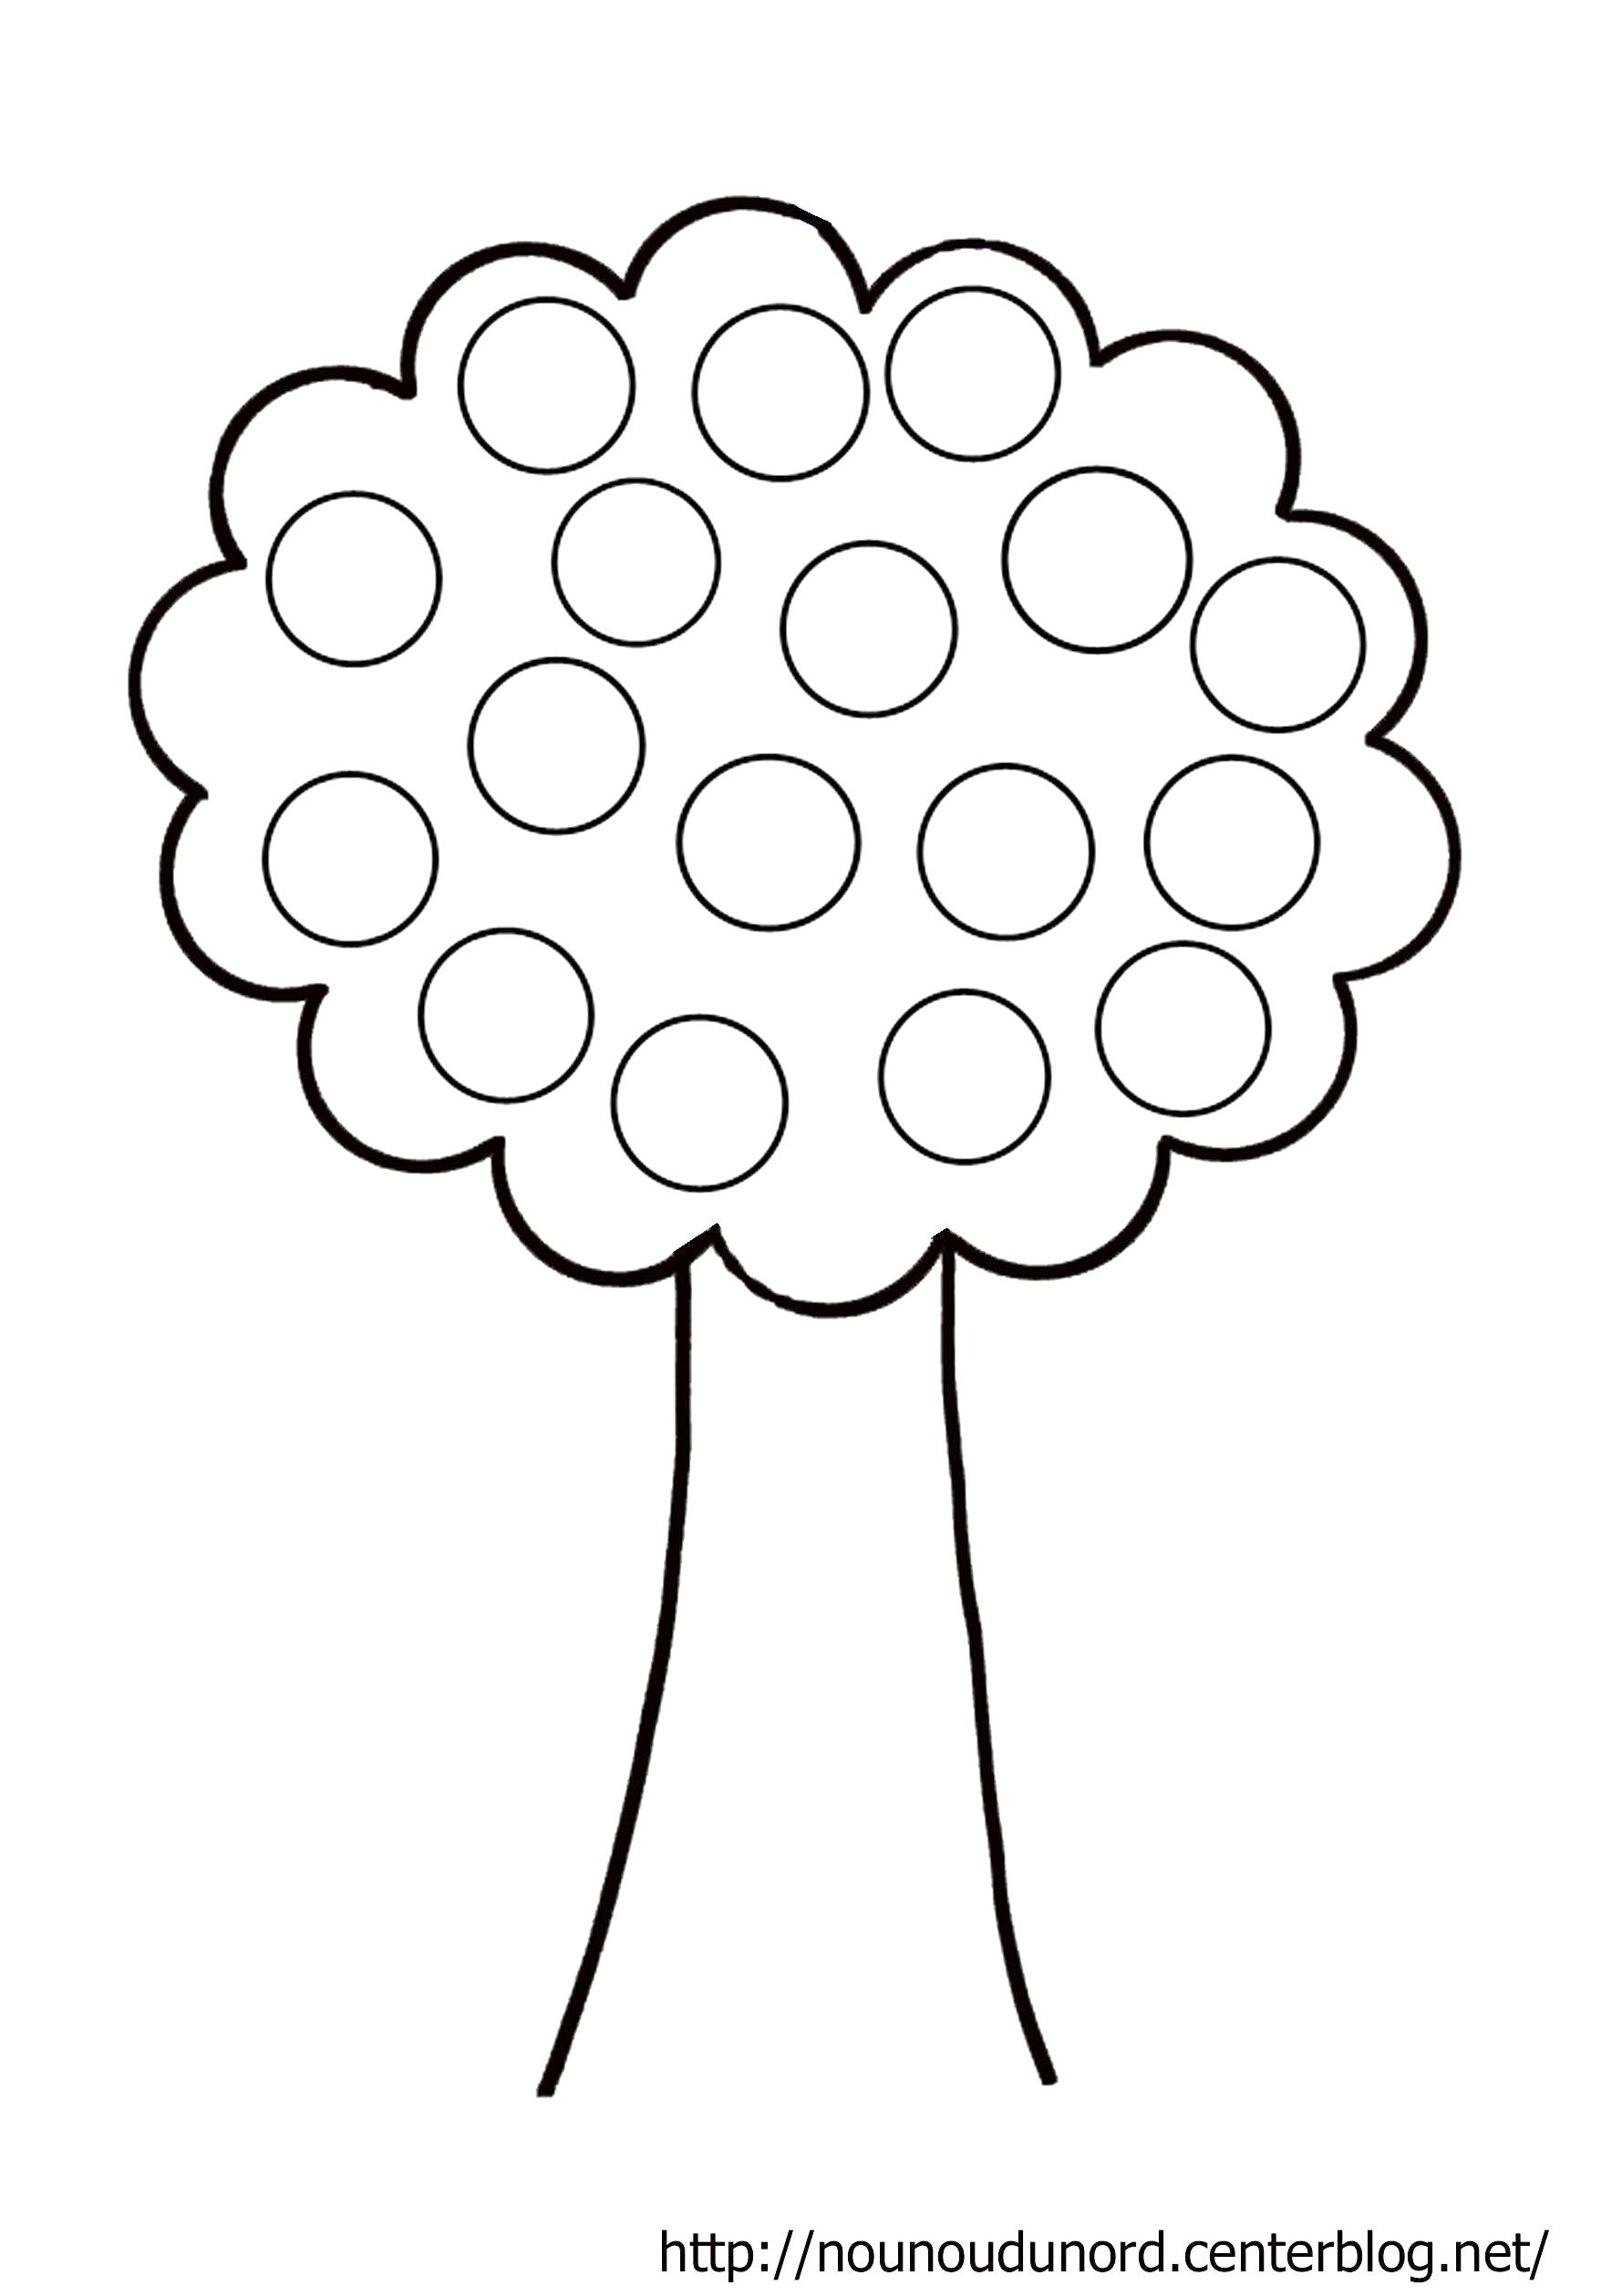 Coloriage arbre à gommettes dessiné par nounoudunord.